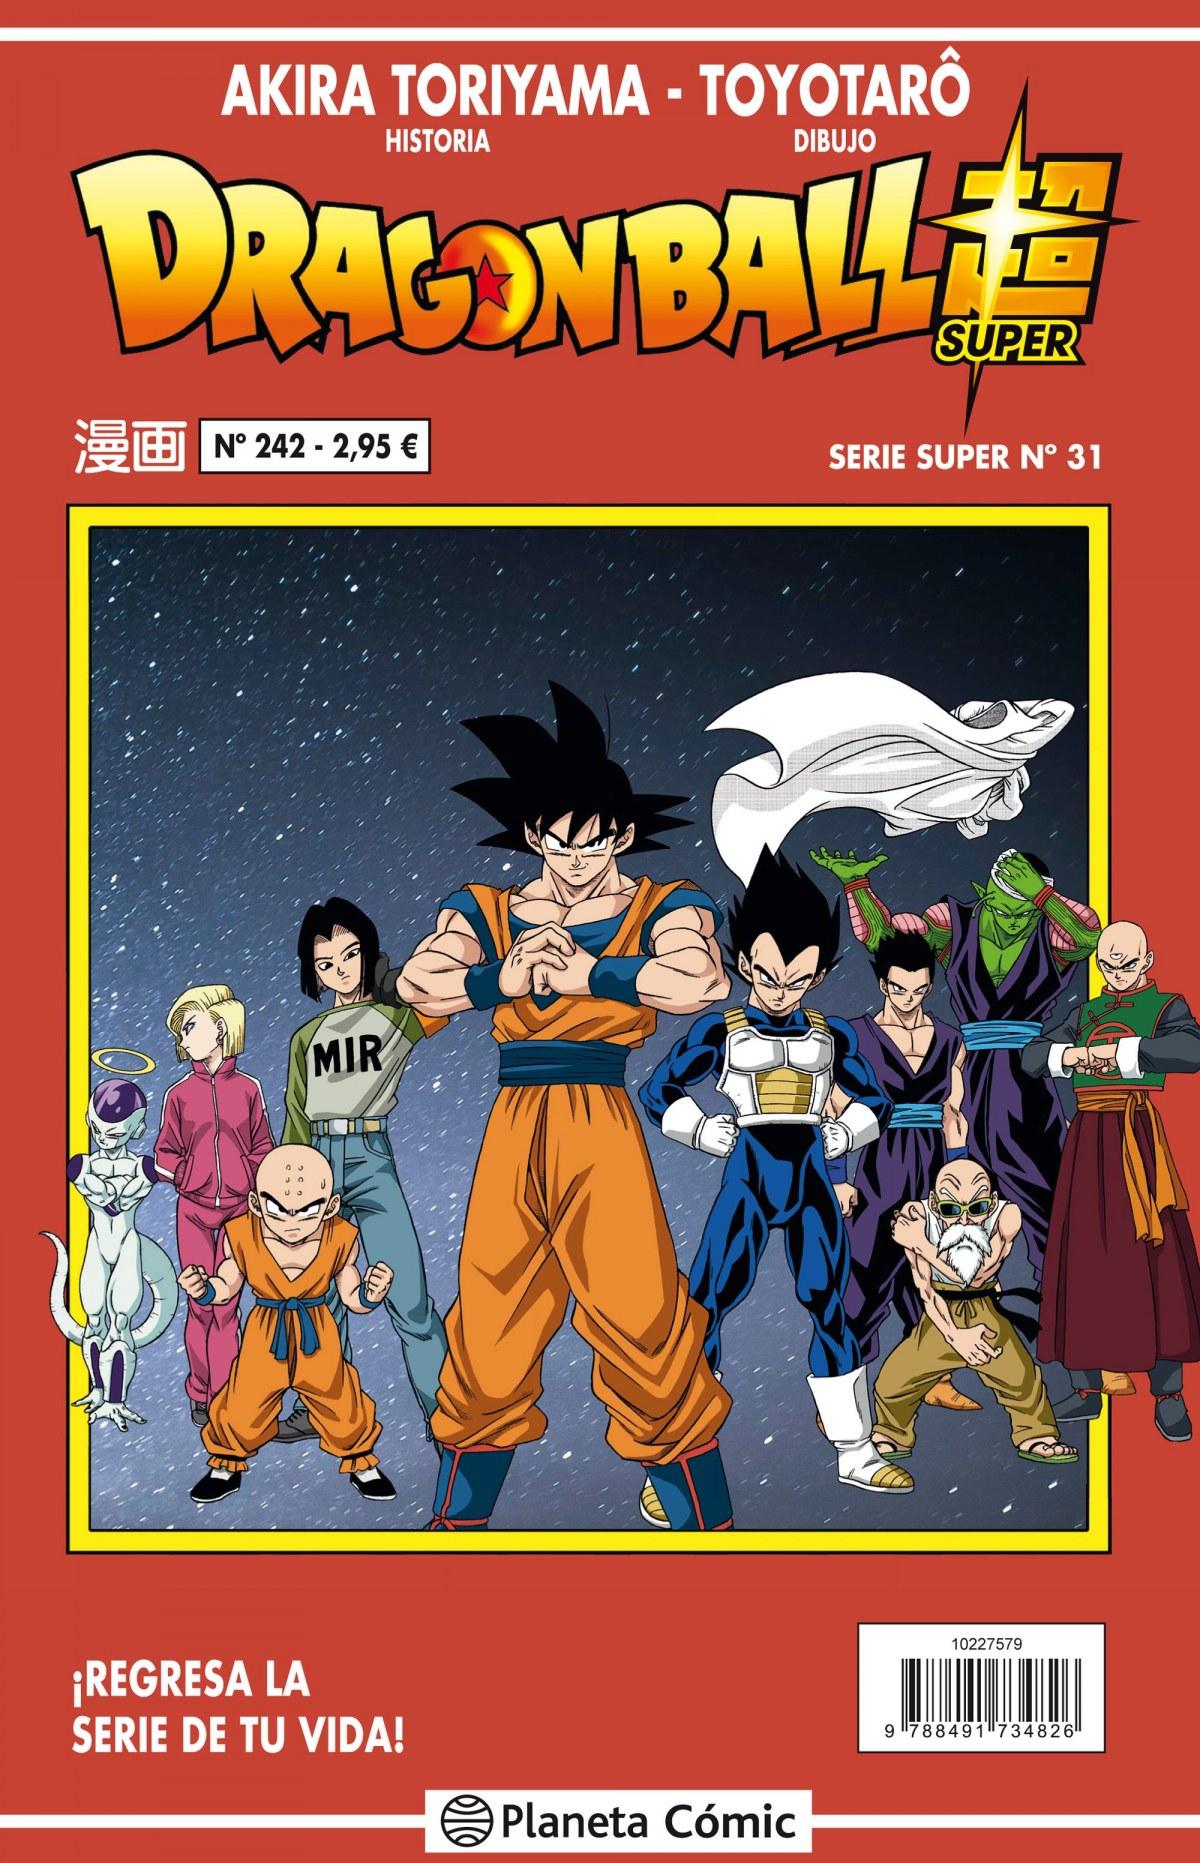 Dragon Ball Serie Roja nº 242